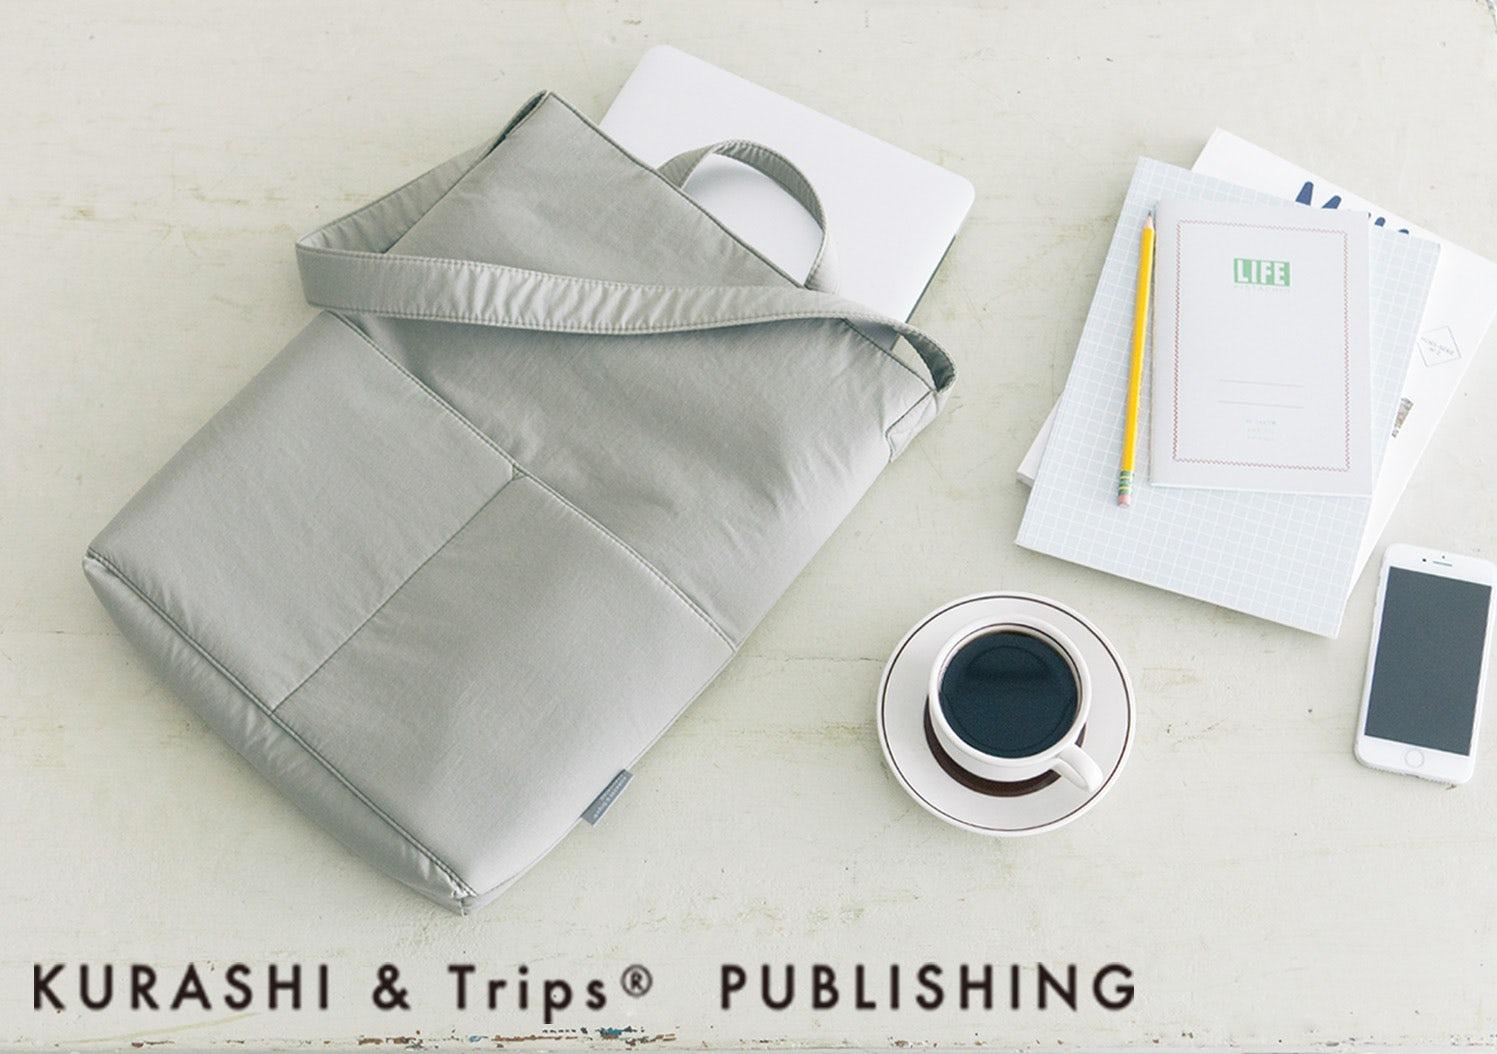 KURASHI&Trips PUBLISHING / 私になじむ、すっきりデザインのPCバッグの画像